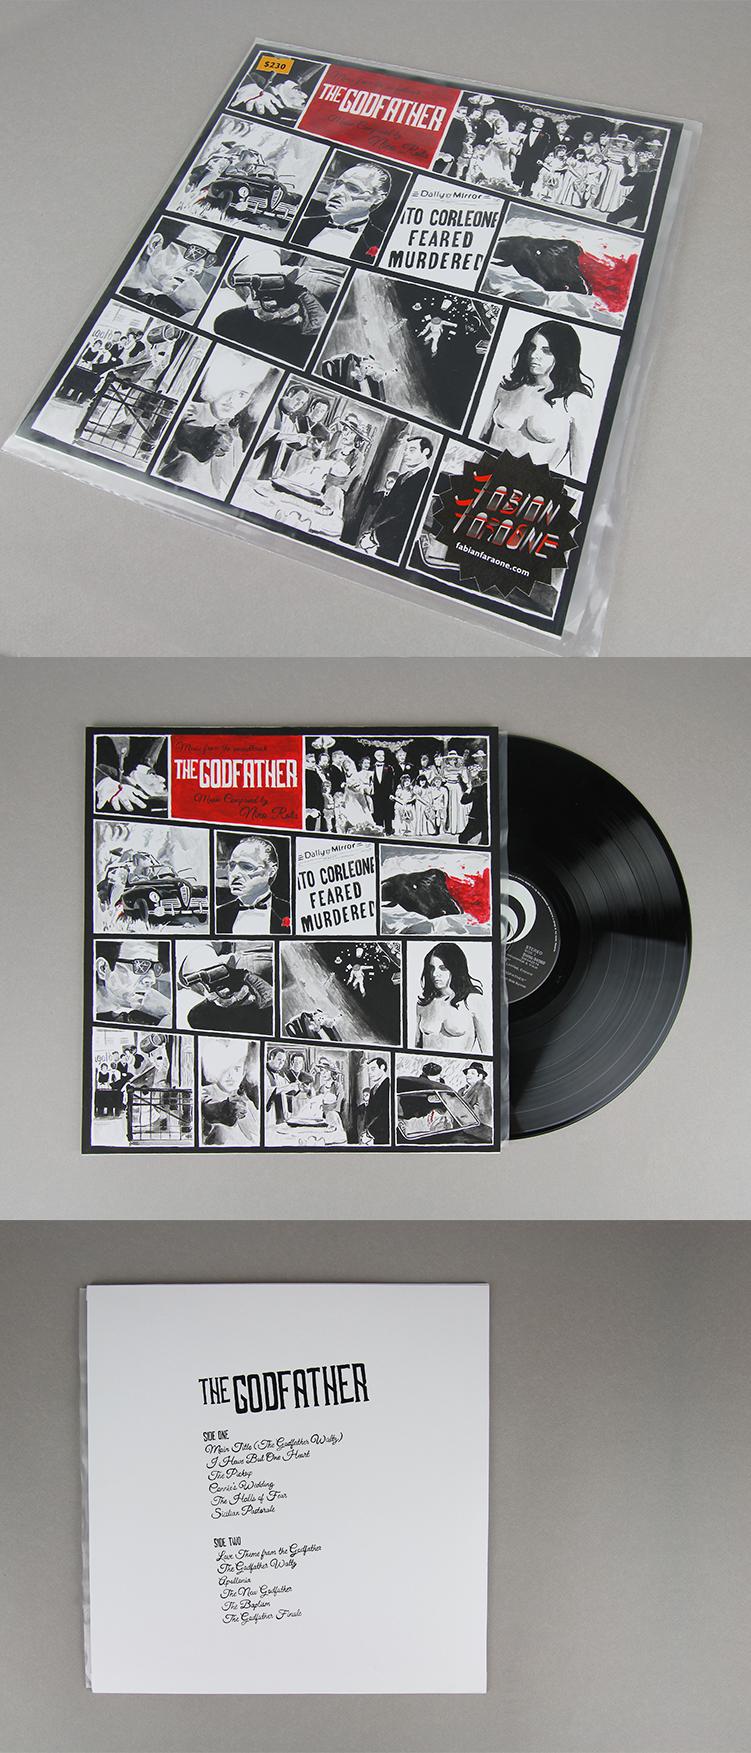 Godfather-LP-Fabianfaraone